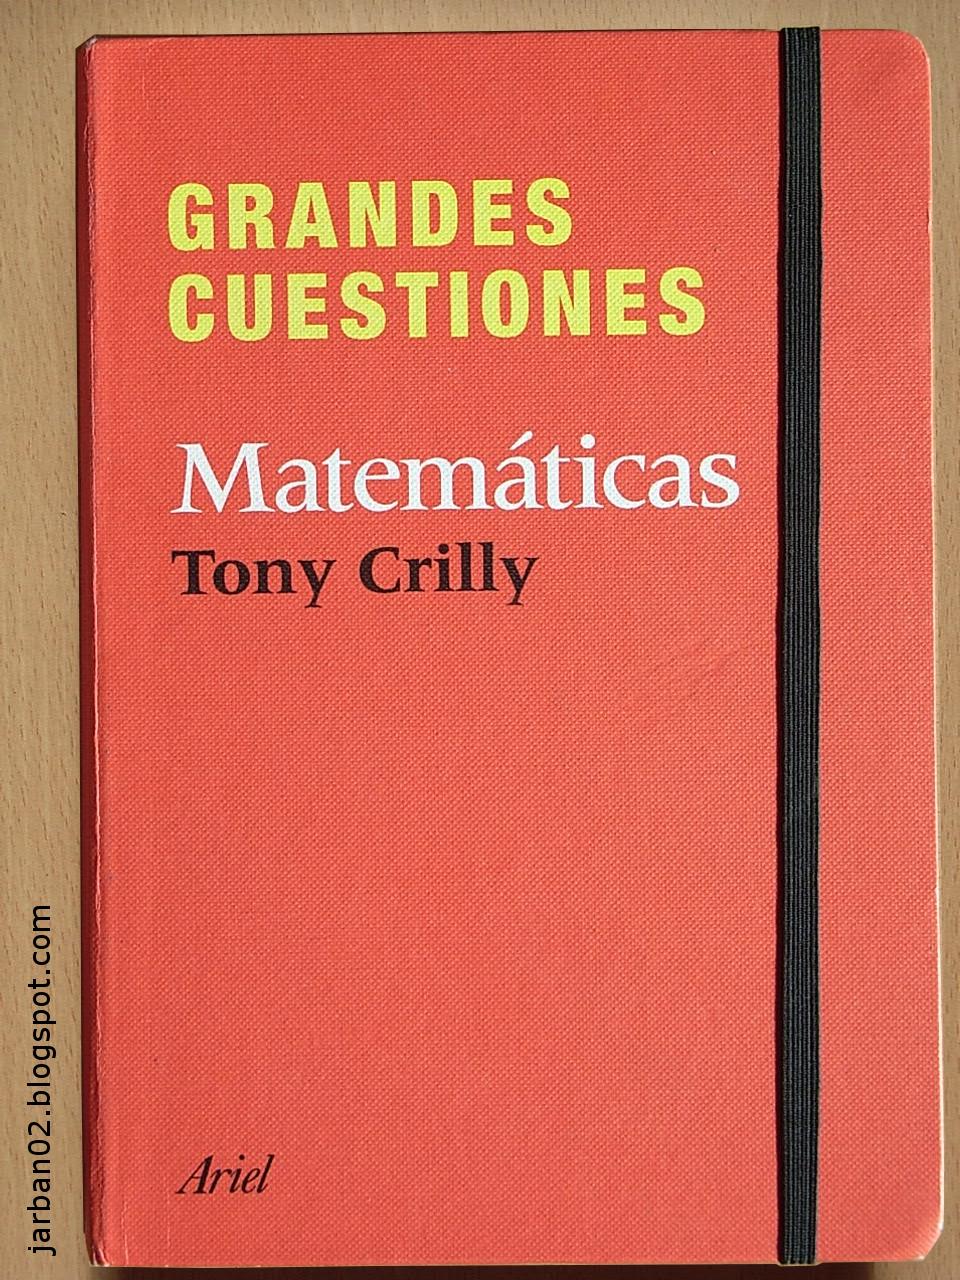 jarban02_pic055: Grandes cuestiones. Matemáticas de Tony Crilly